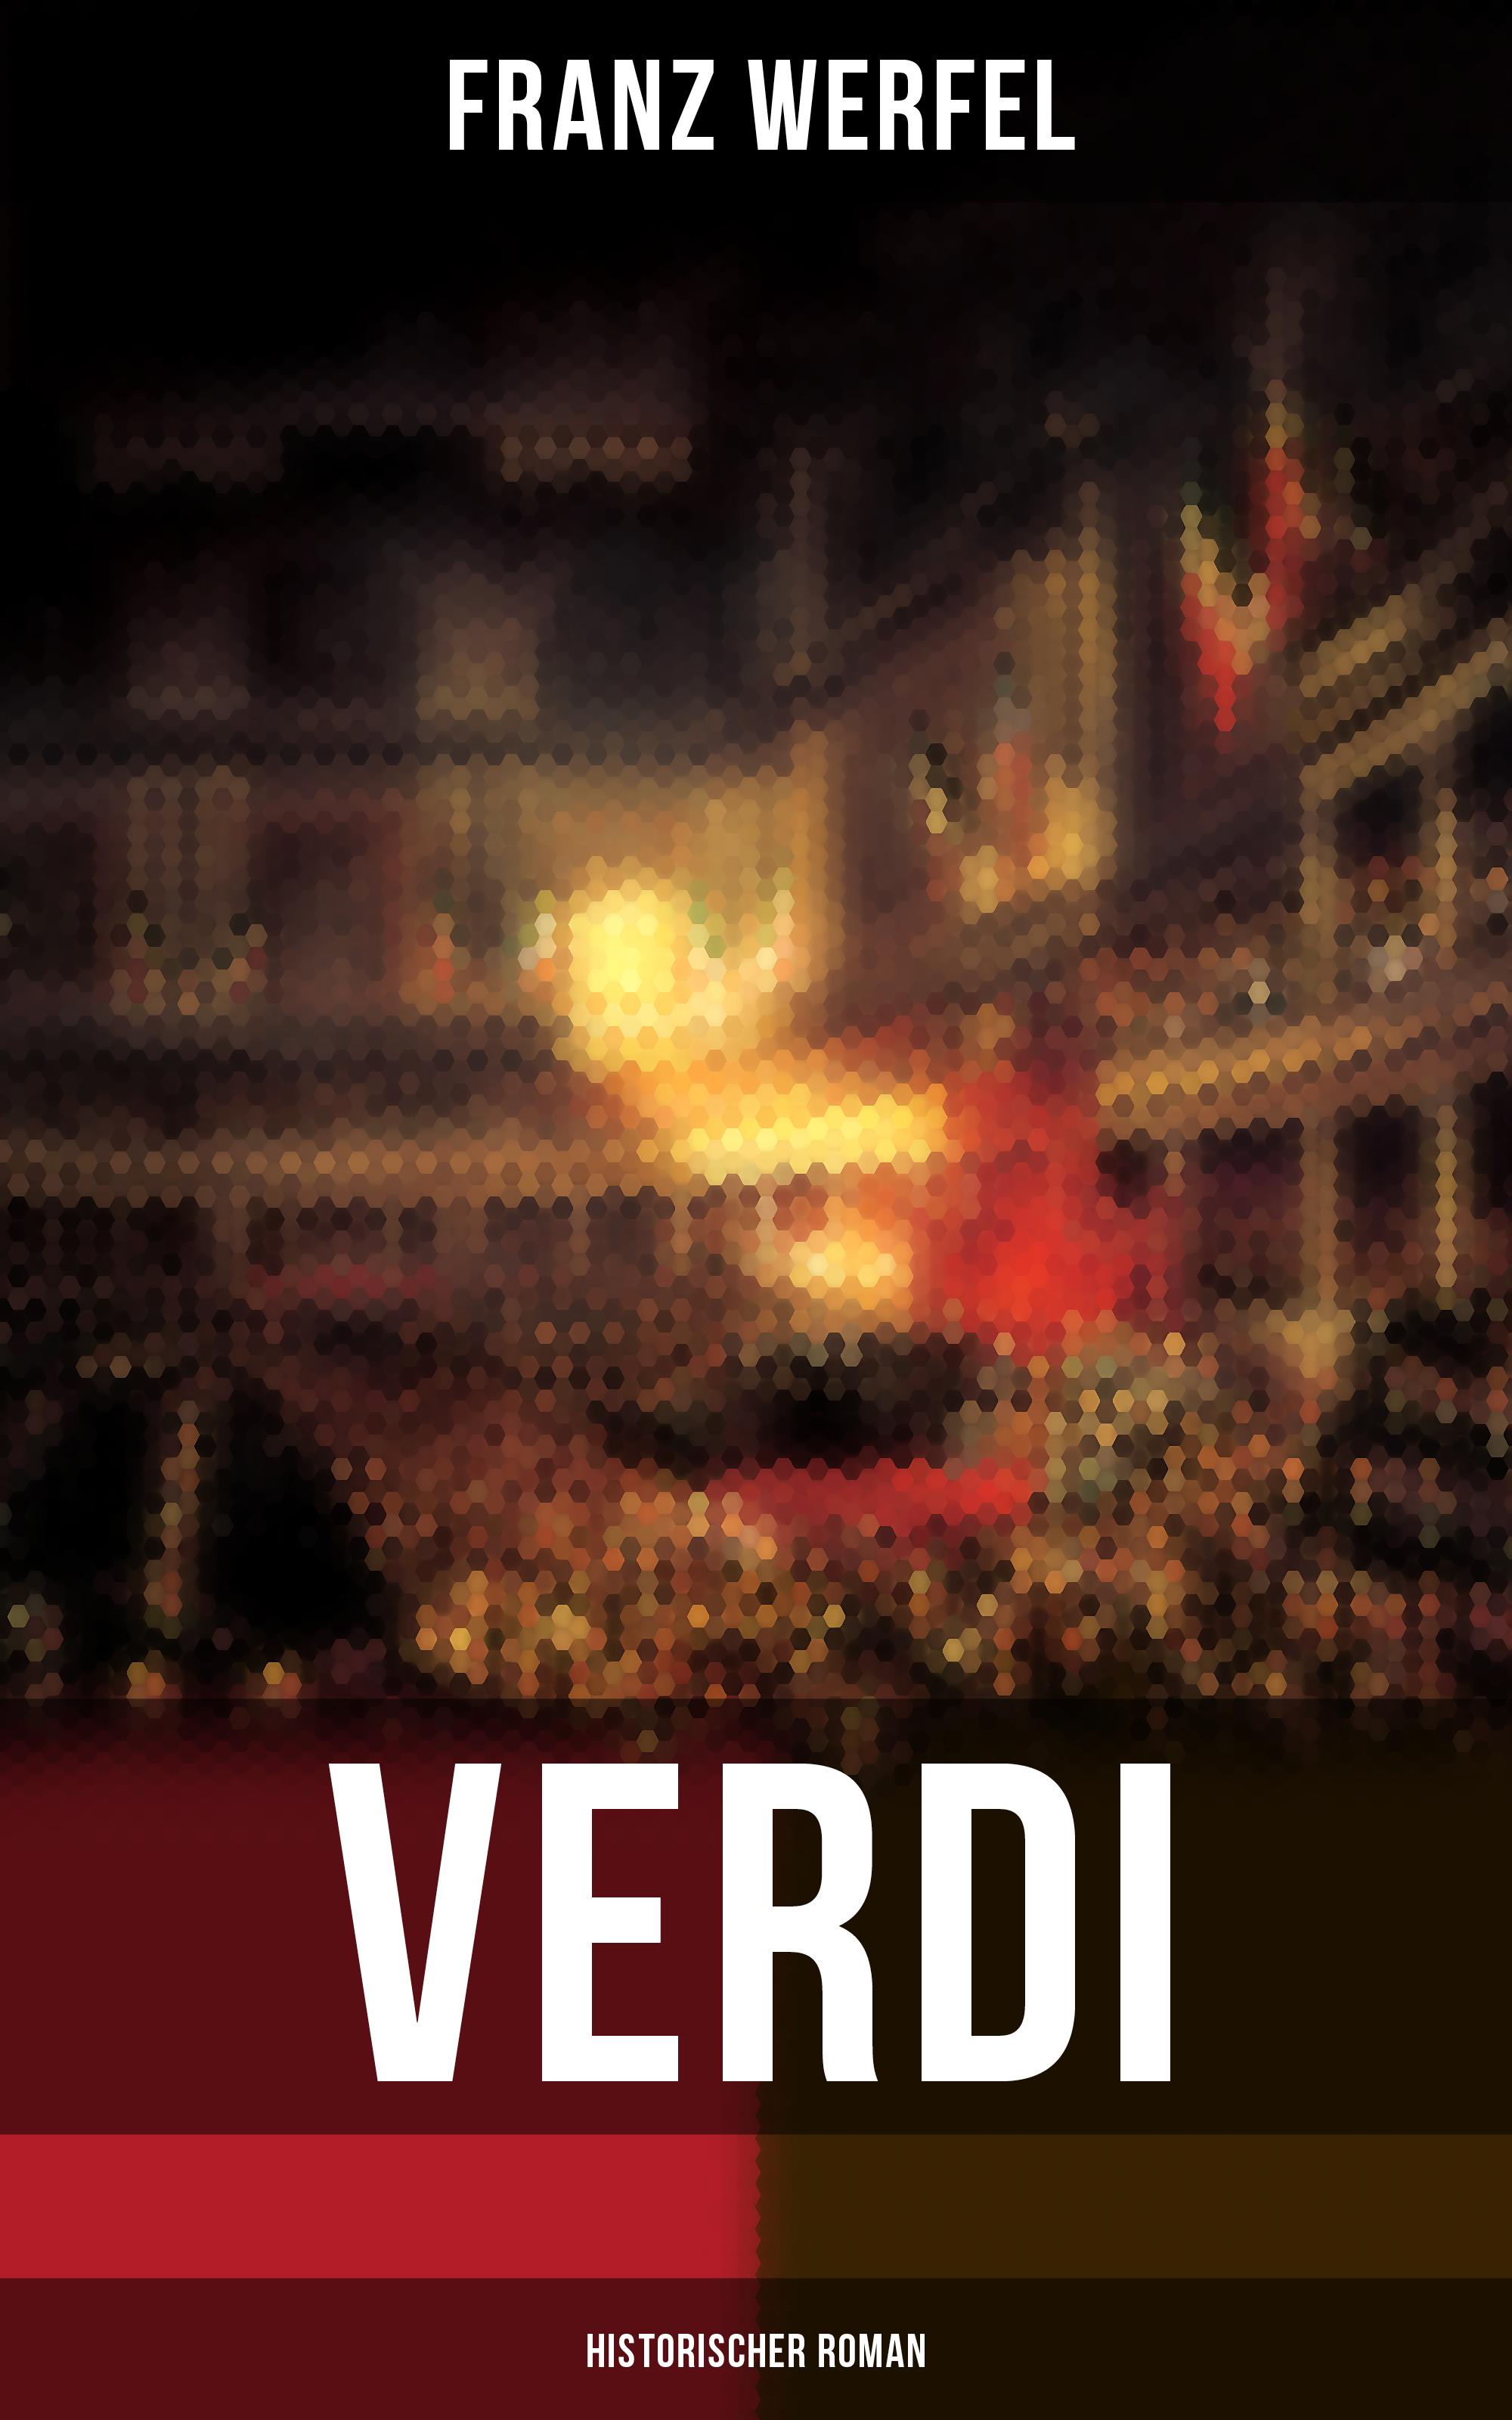 Franz Werfel Verdi (Historischer Roman)